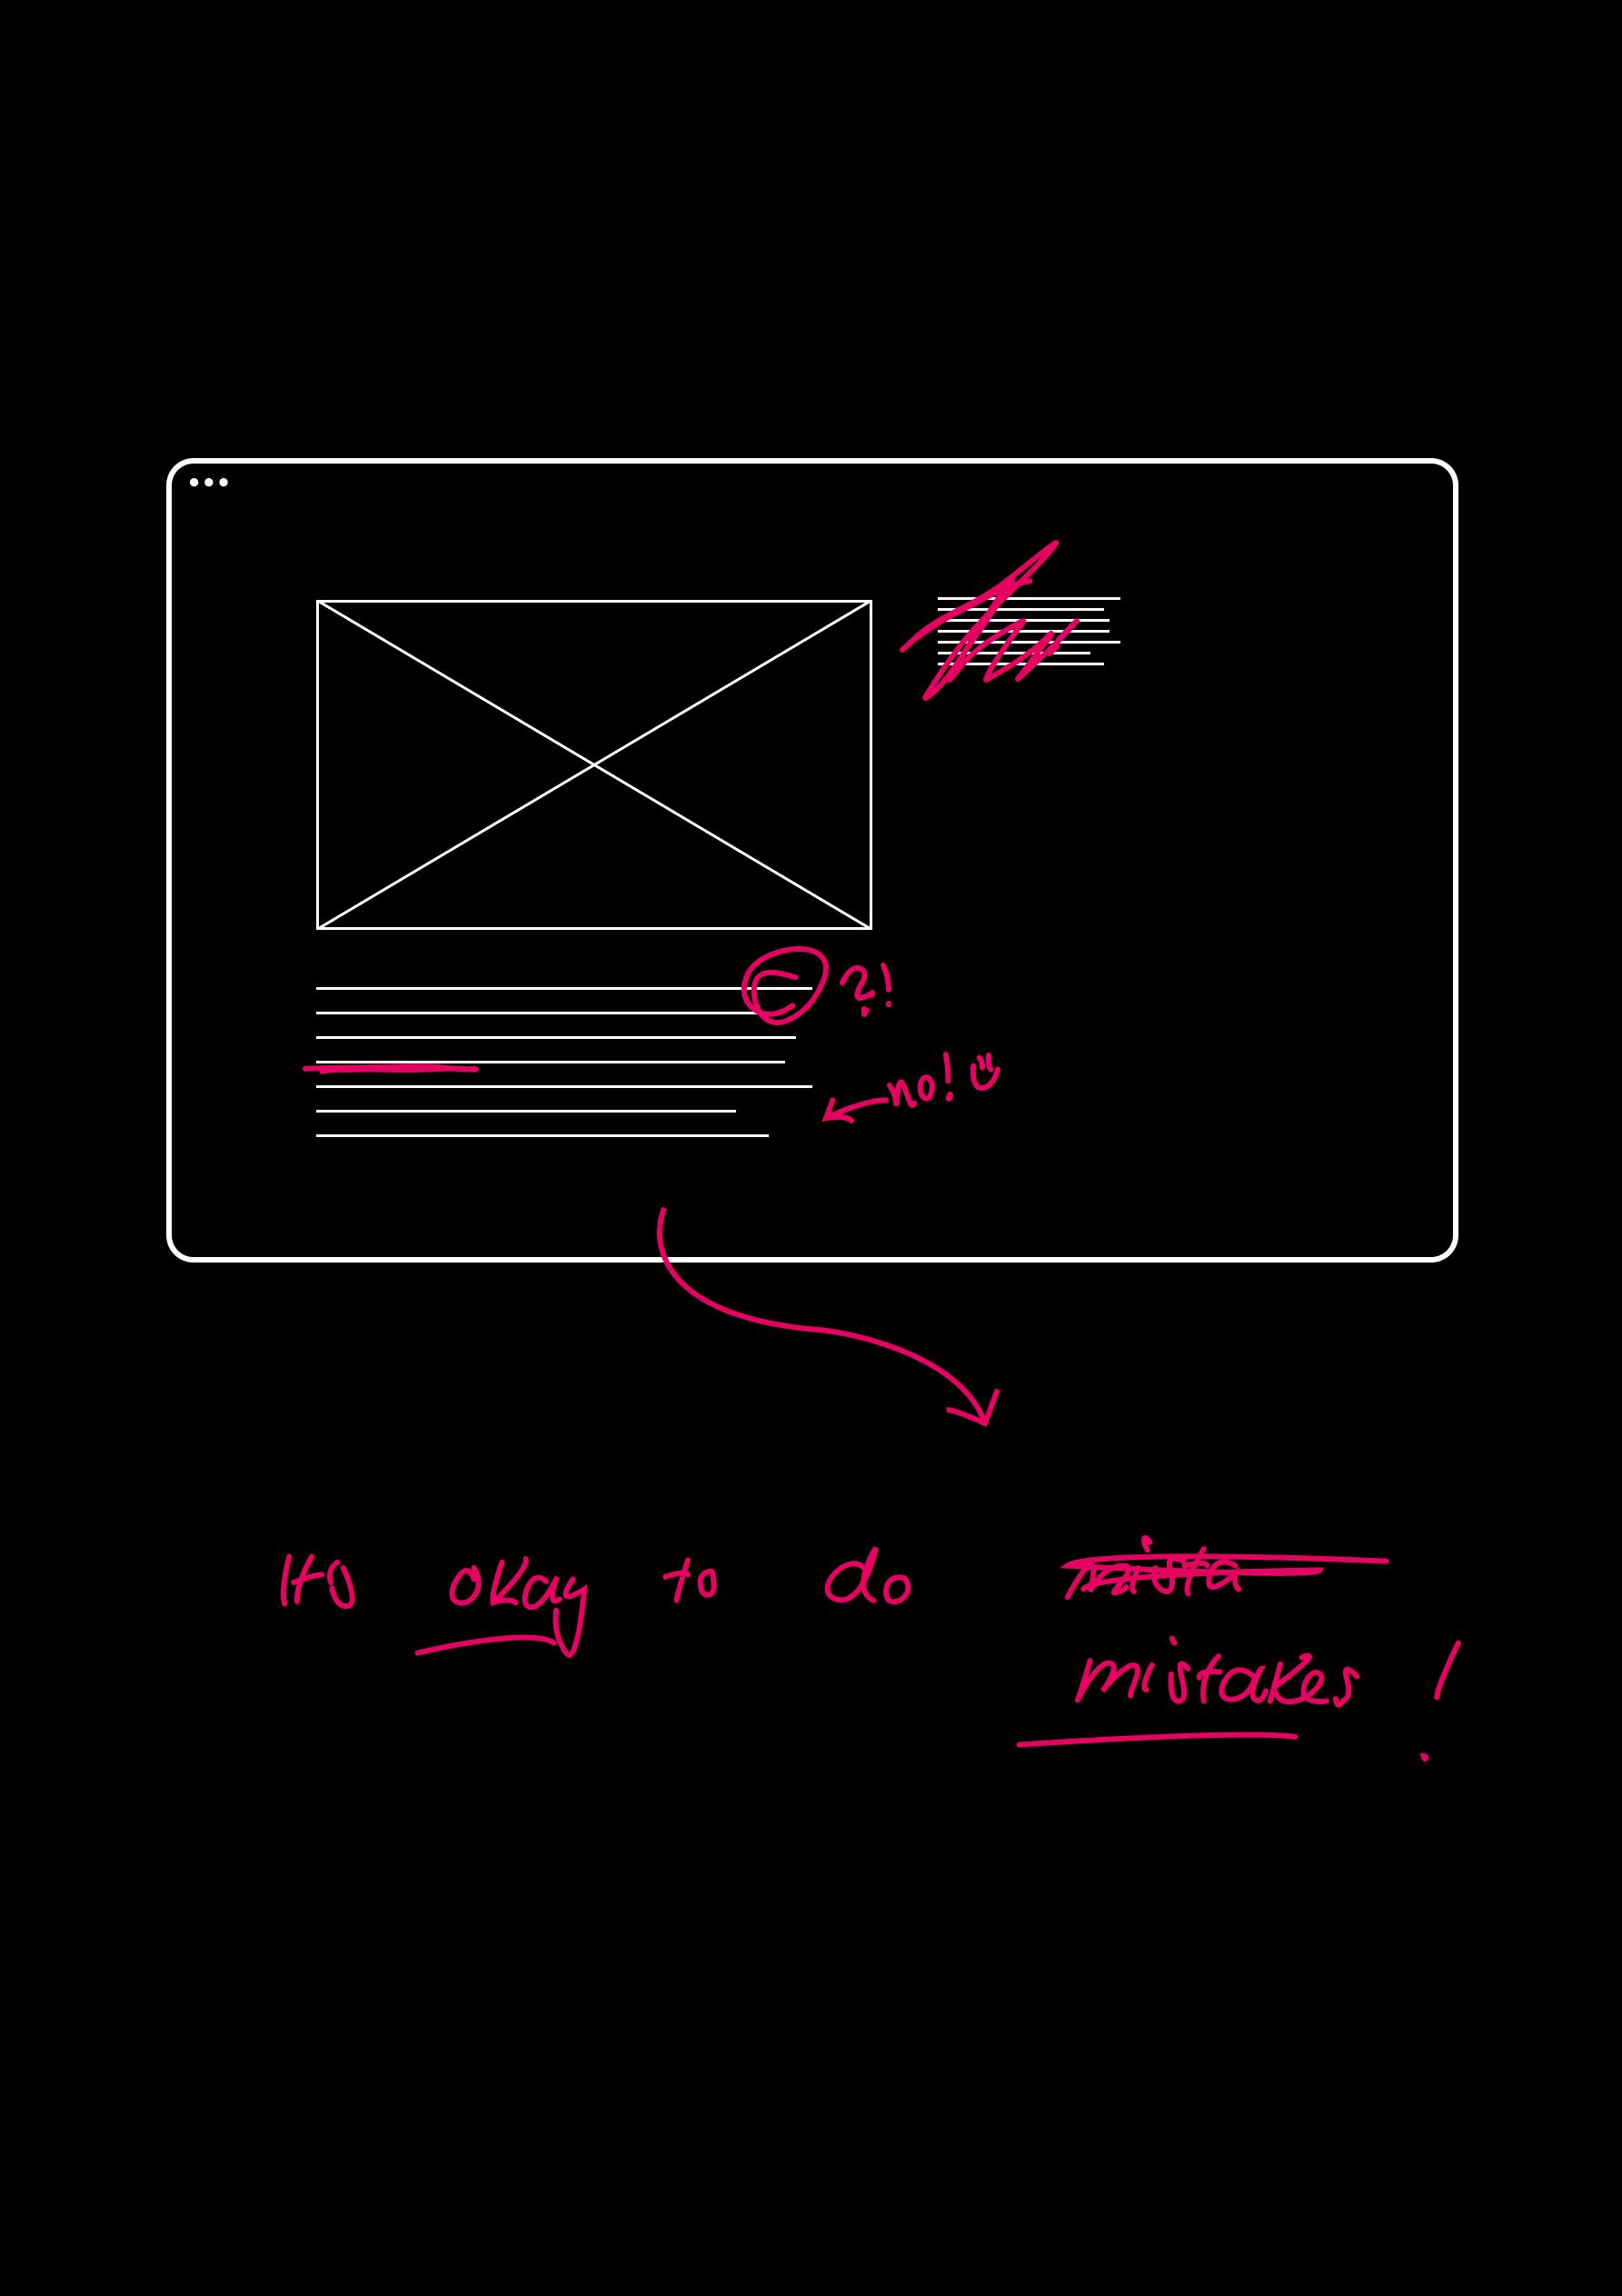 weiße Wireframes auf schwarzem Grund mit pinker Korrekturschrift